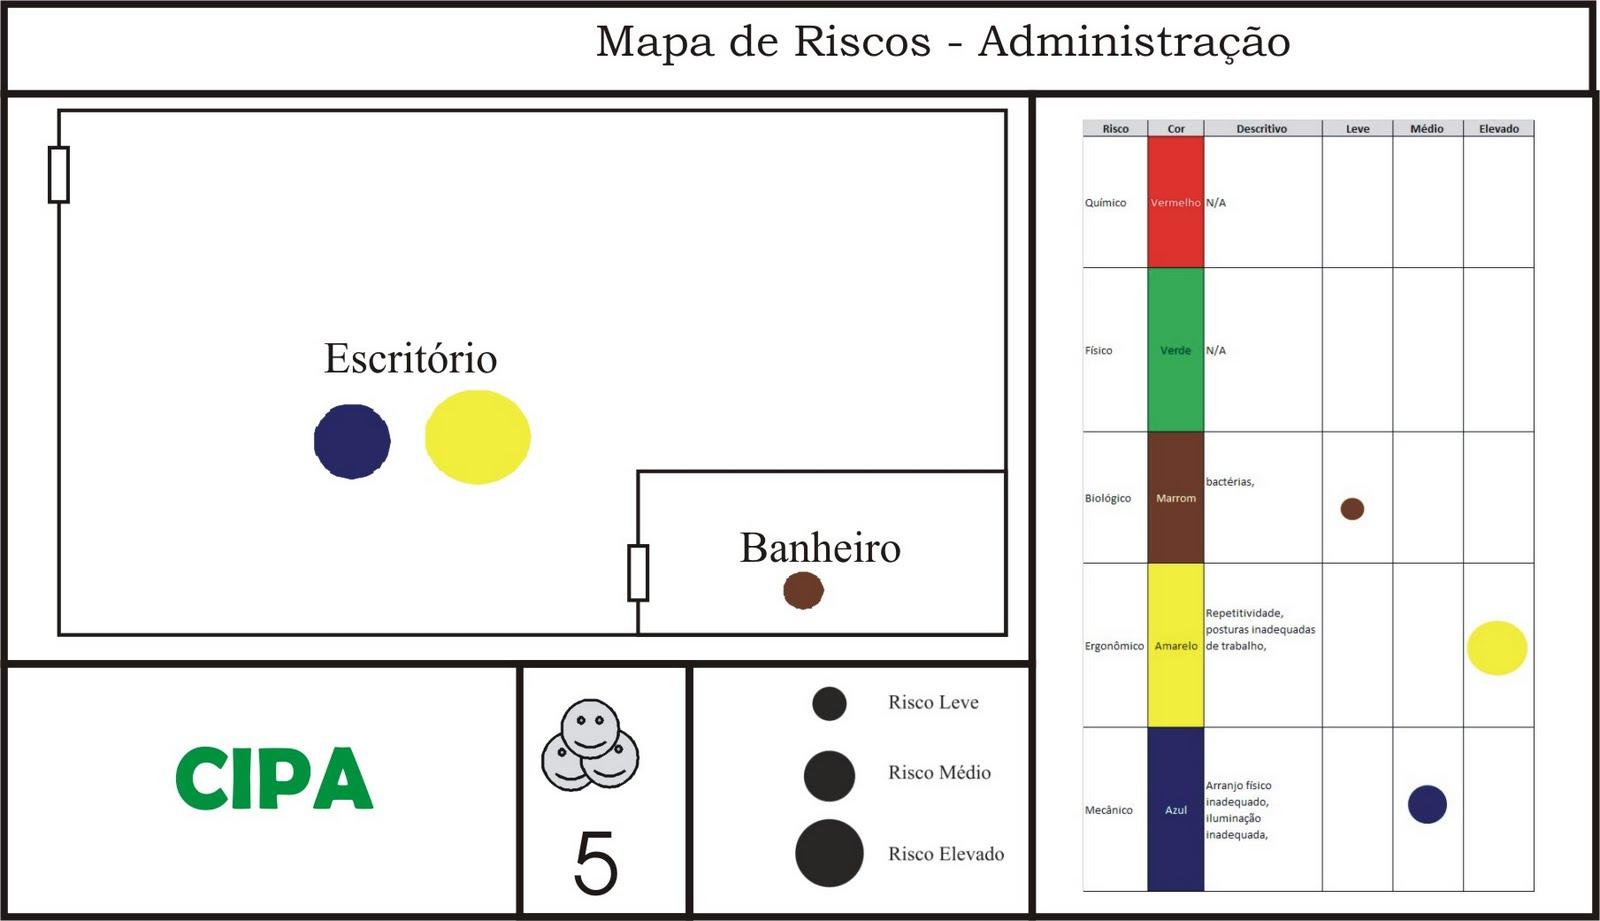 Segurança – Mapa de Risco